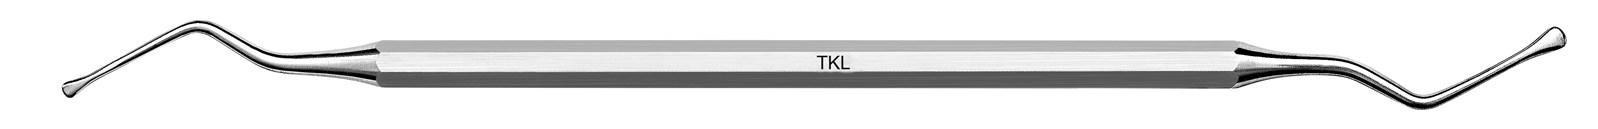 Nůž pro tunelovou techniku - TKL, ADEP světle modrý